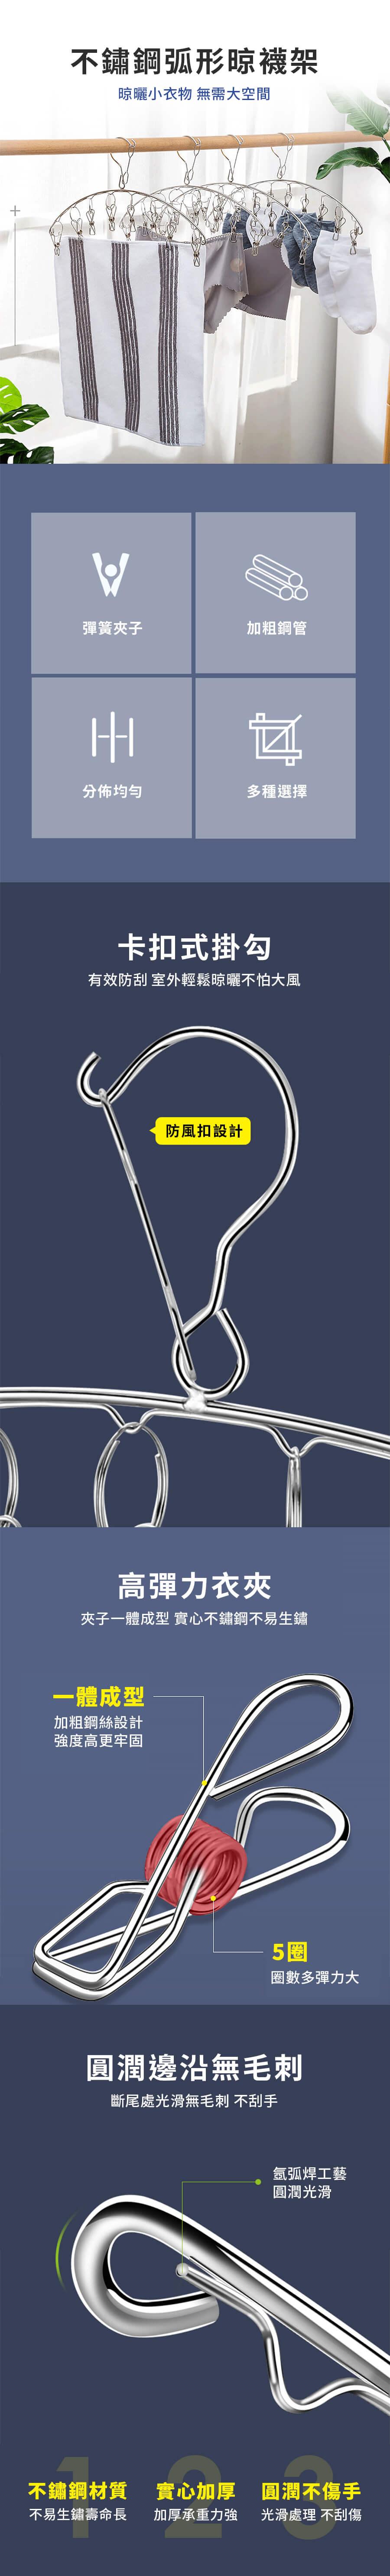 不鏽鋼弧形晾襪架_PDP_20210223_1.jpg